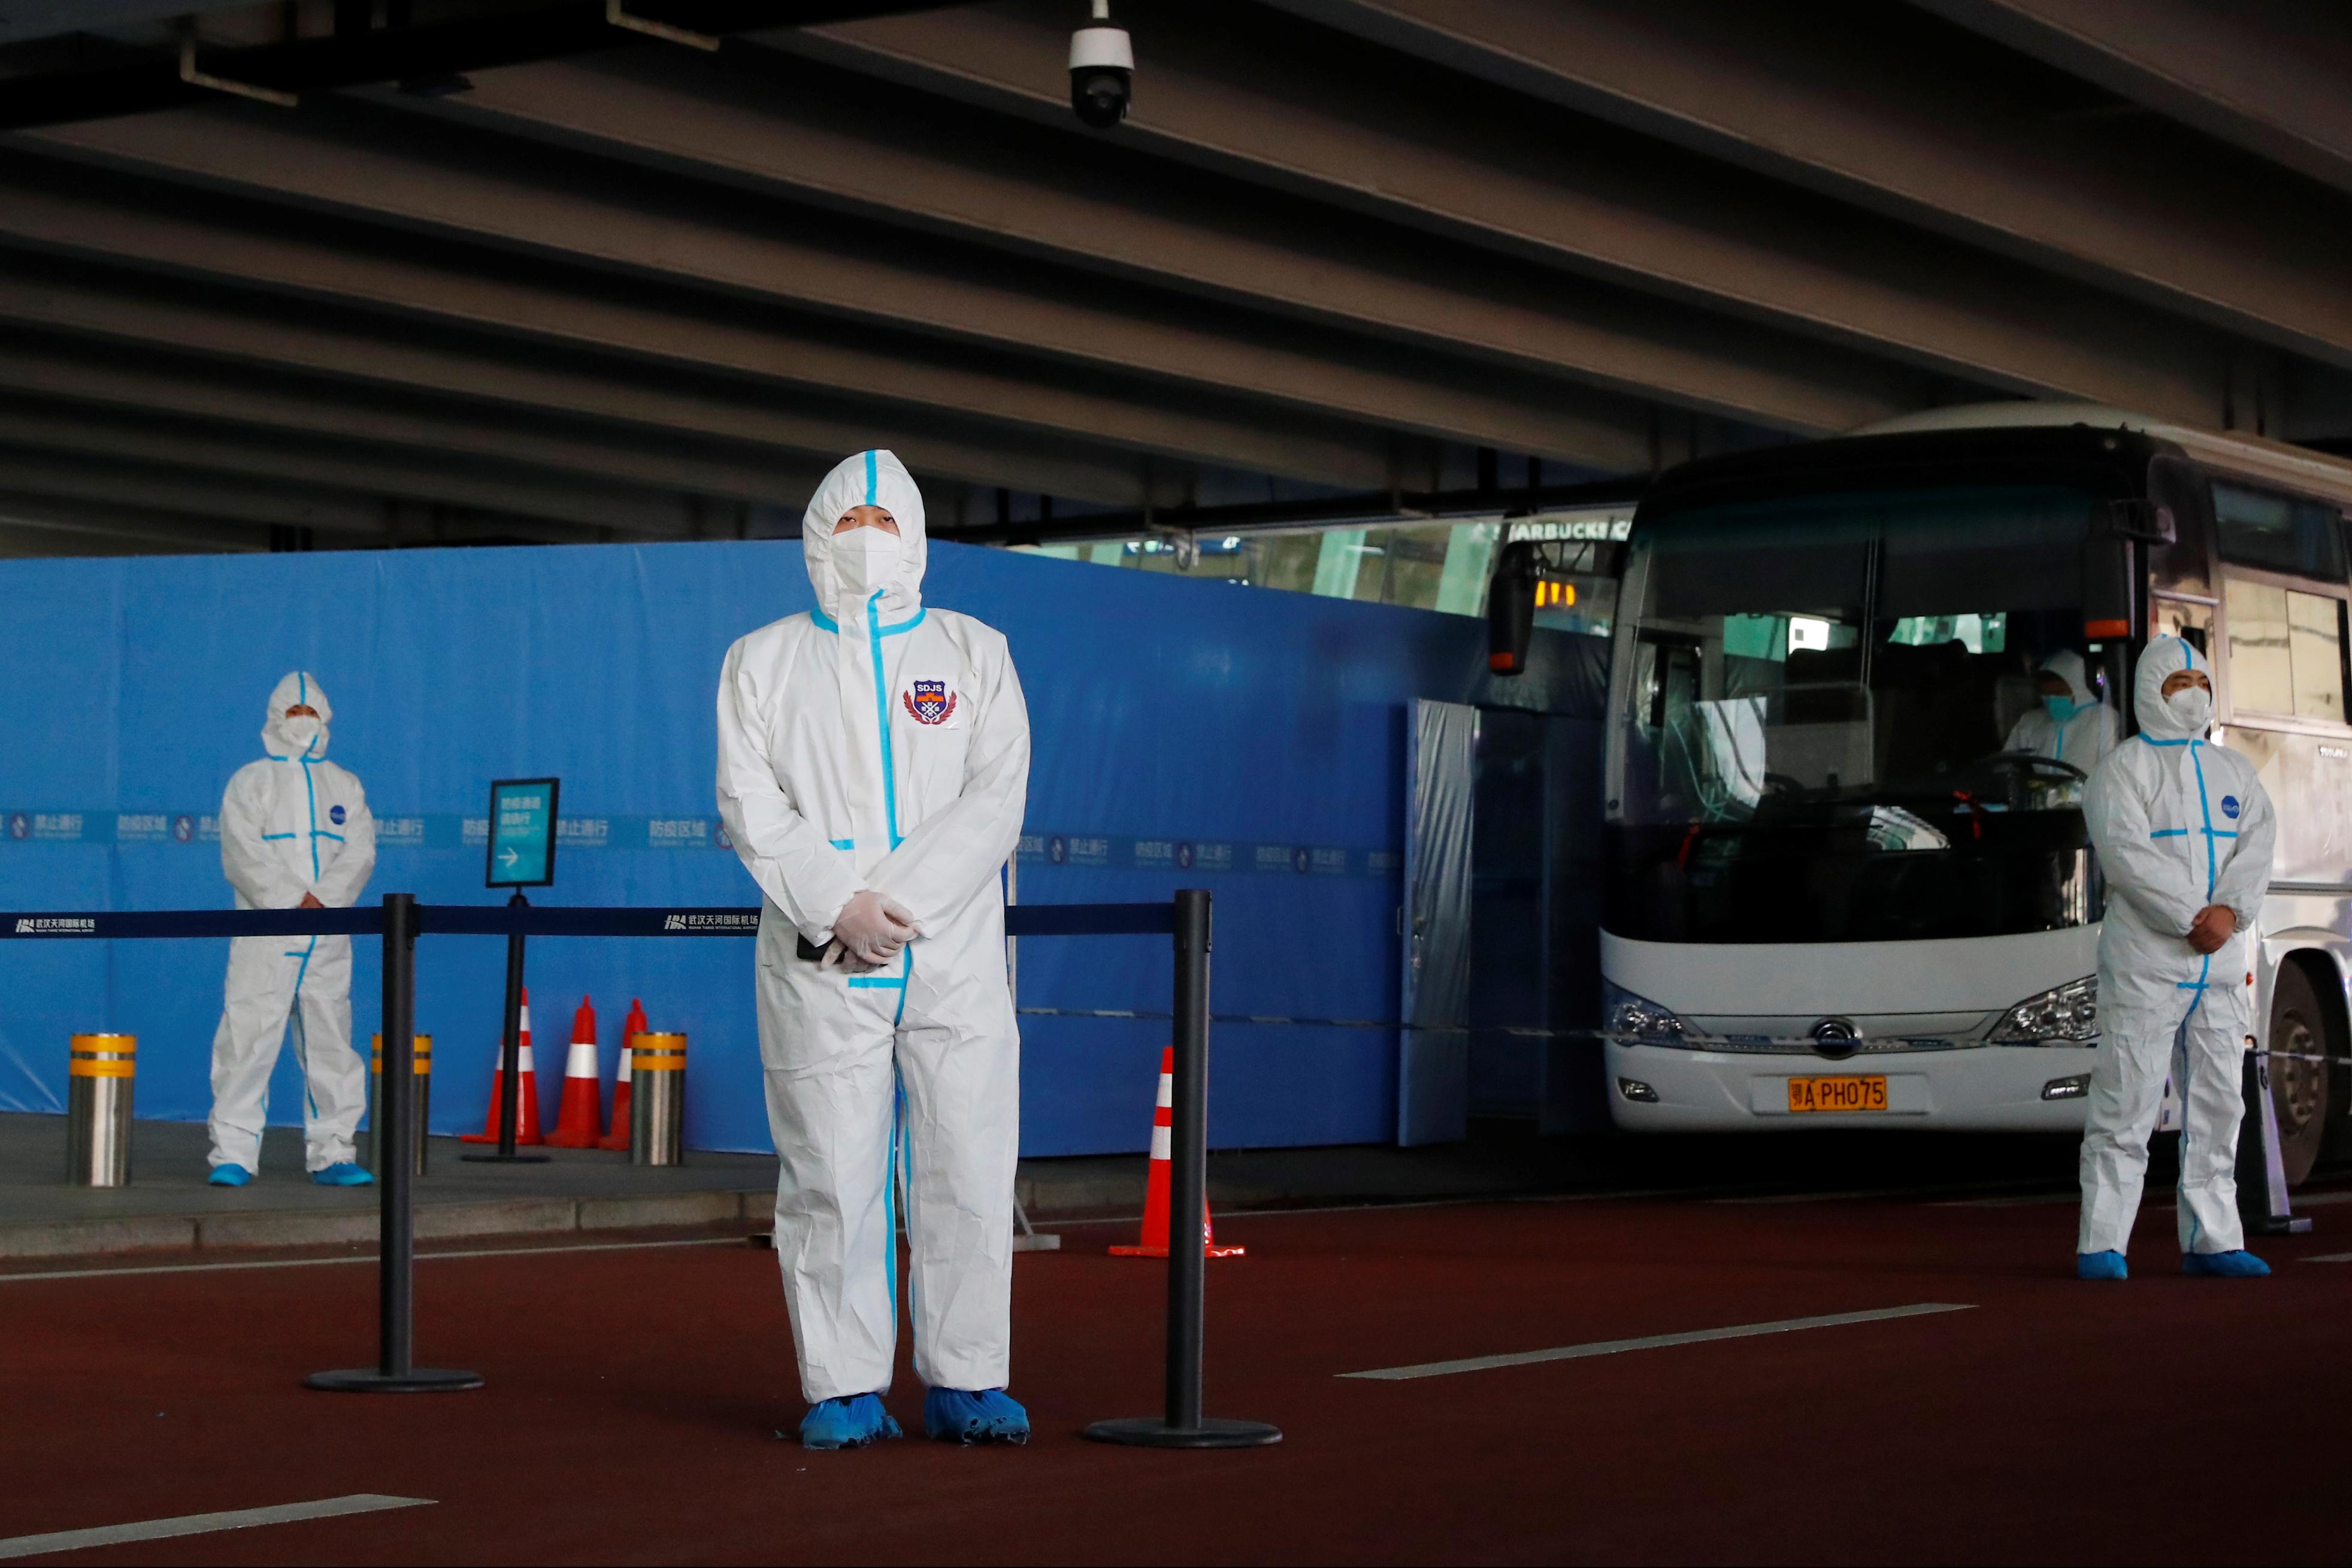 身穿防护服的工作人员在巴士旁守候,准备接载抵达武汉的世卫专家团。他们将先在当地接受隔离,之后才与中国专家展开调查工作。-路透社-